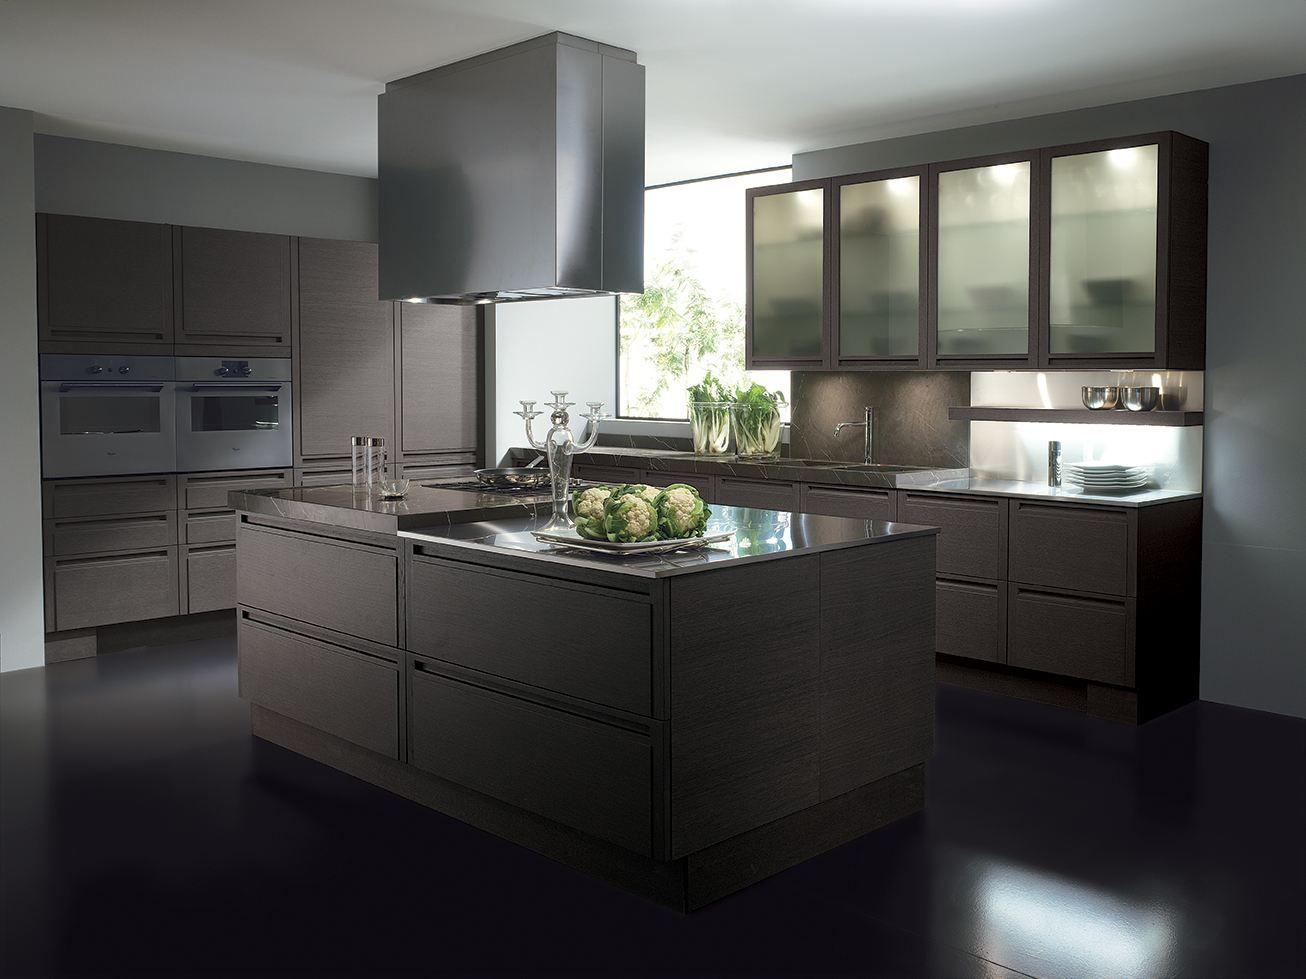 Dise O Cocinas Isla Peque As Modernas Buscar Con Google Ideas  ~ Diseños De Cocinas Pequeñas Modernas